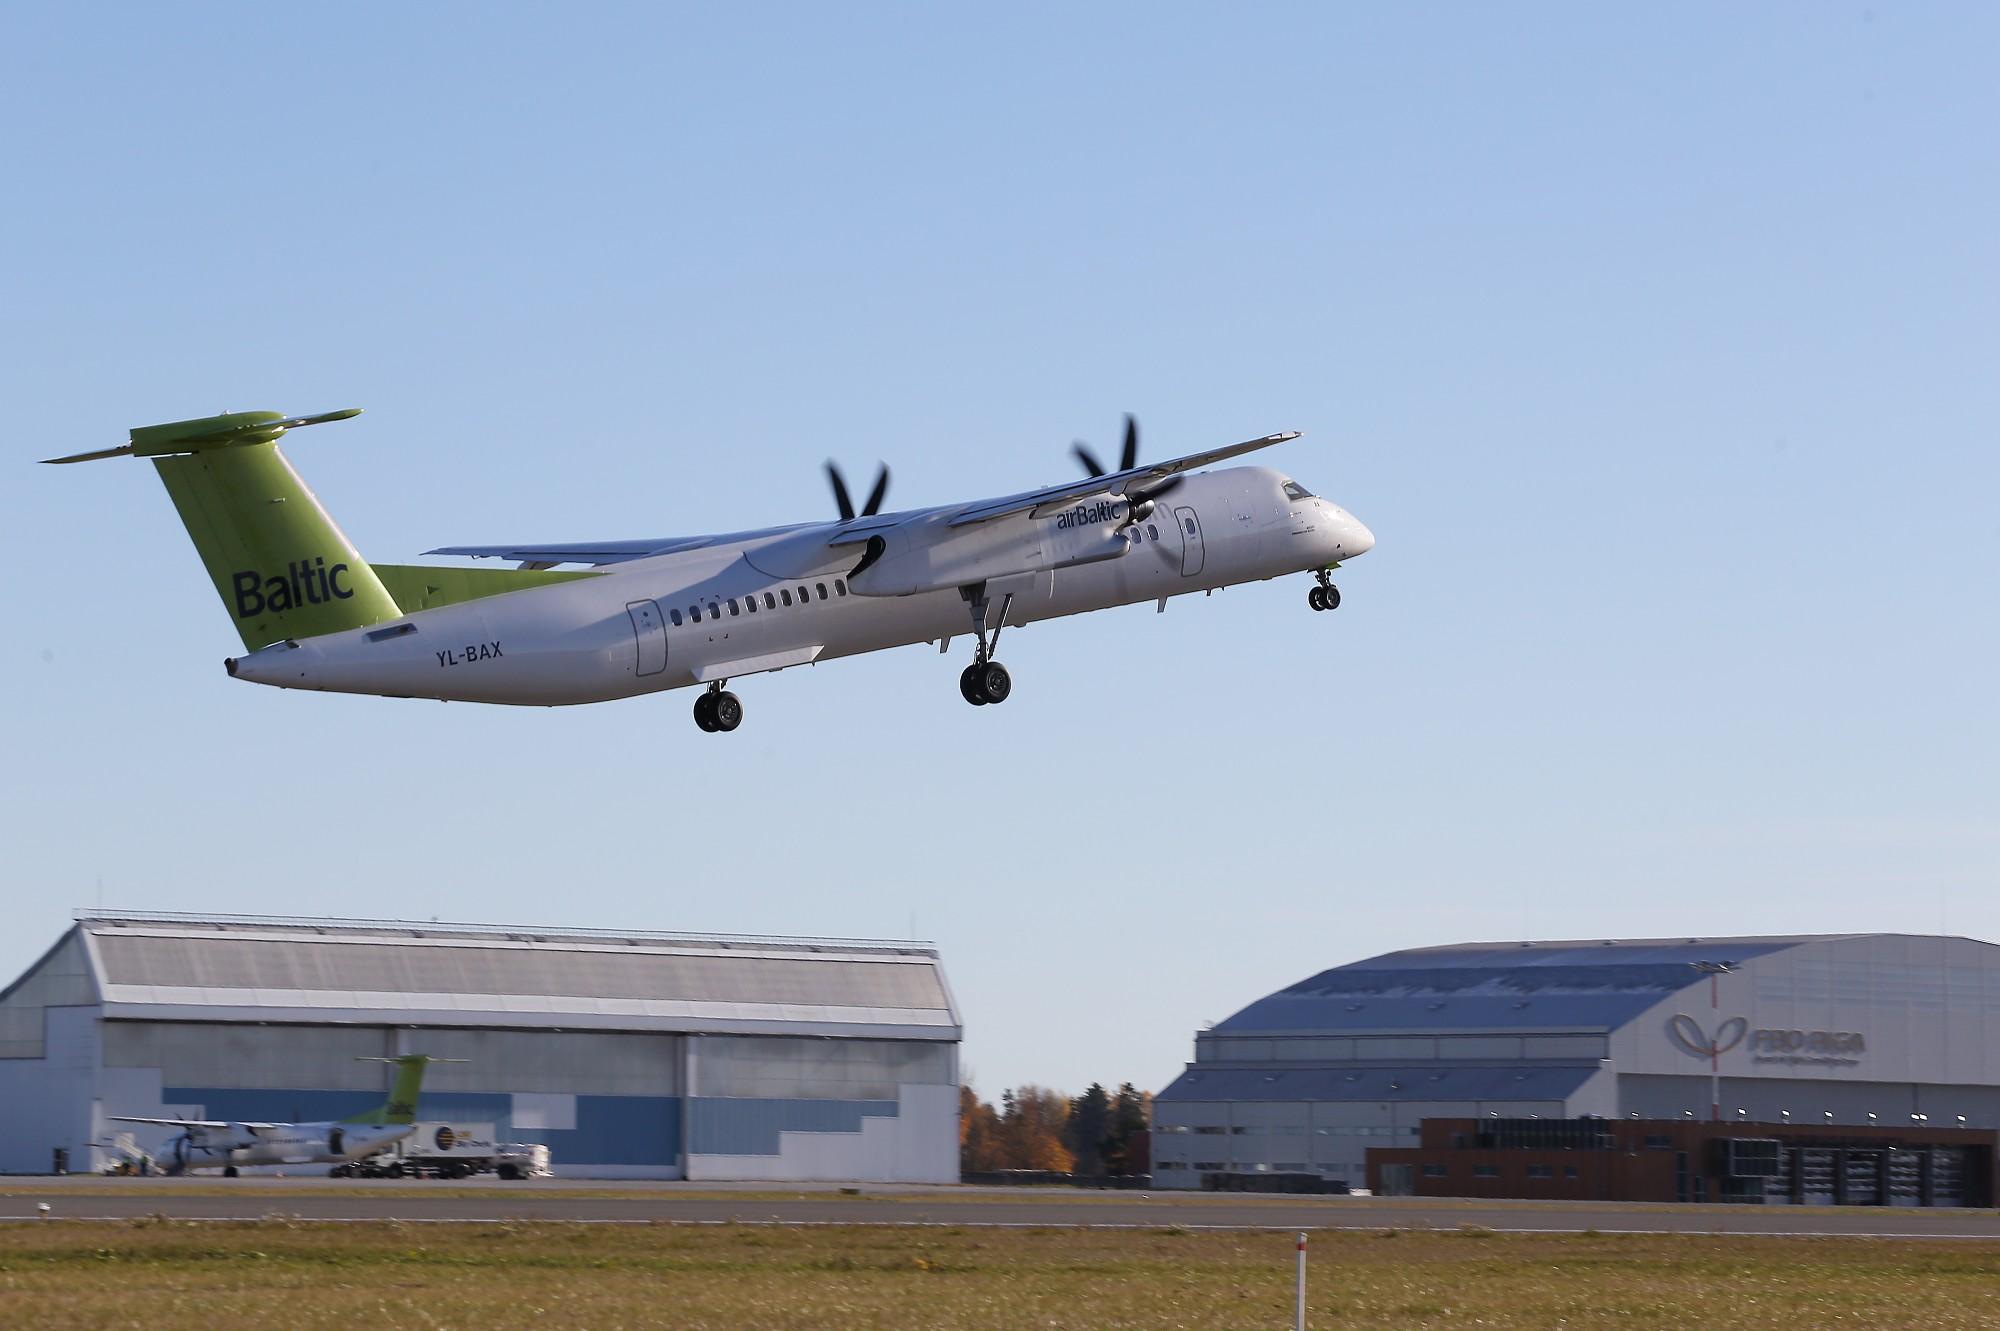 «airBaltic» признана самой пунктуальной авиакомпанией в мире